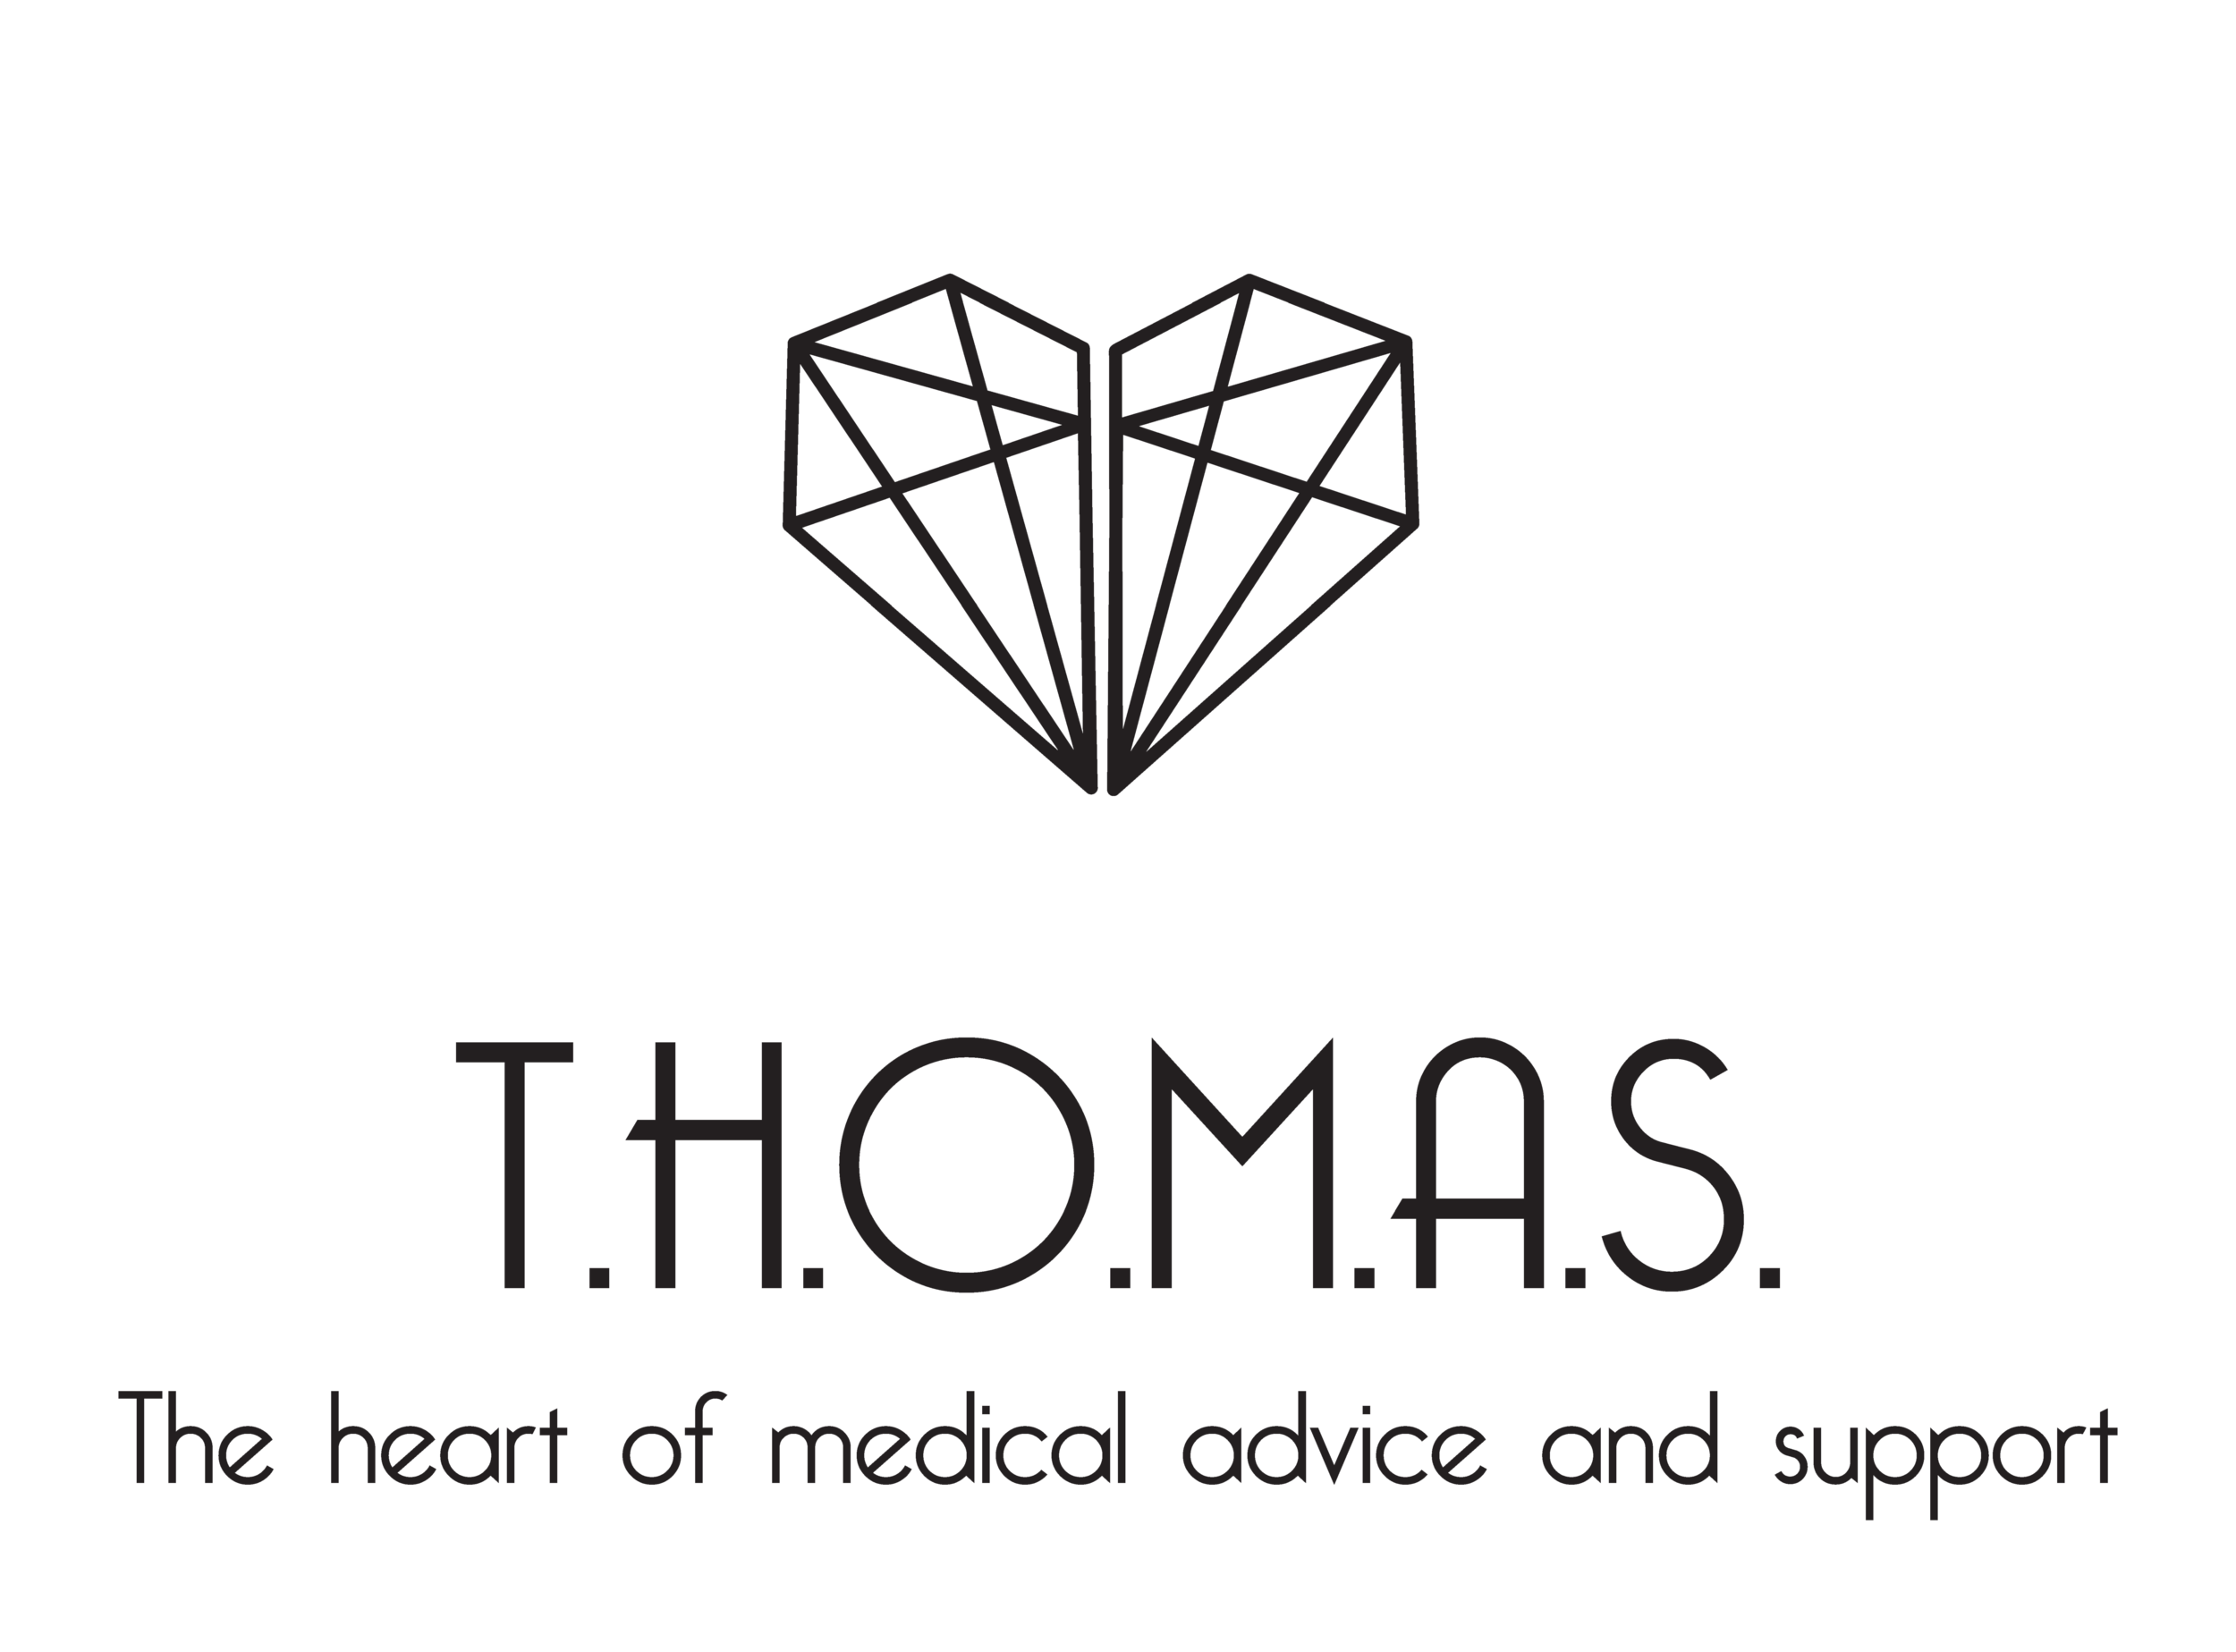 THOMAS-logo-big.png